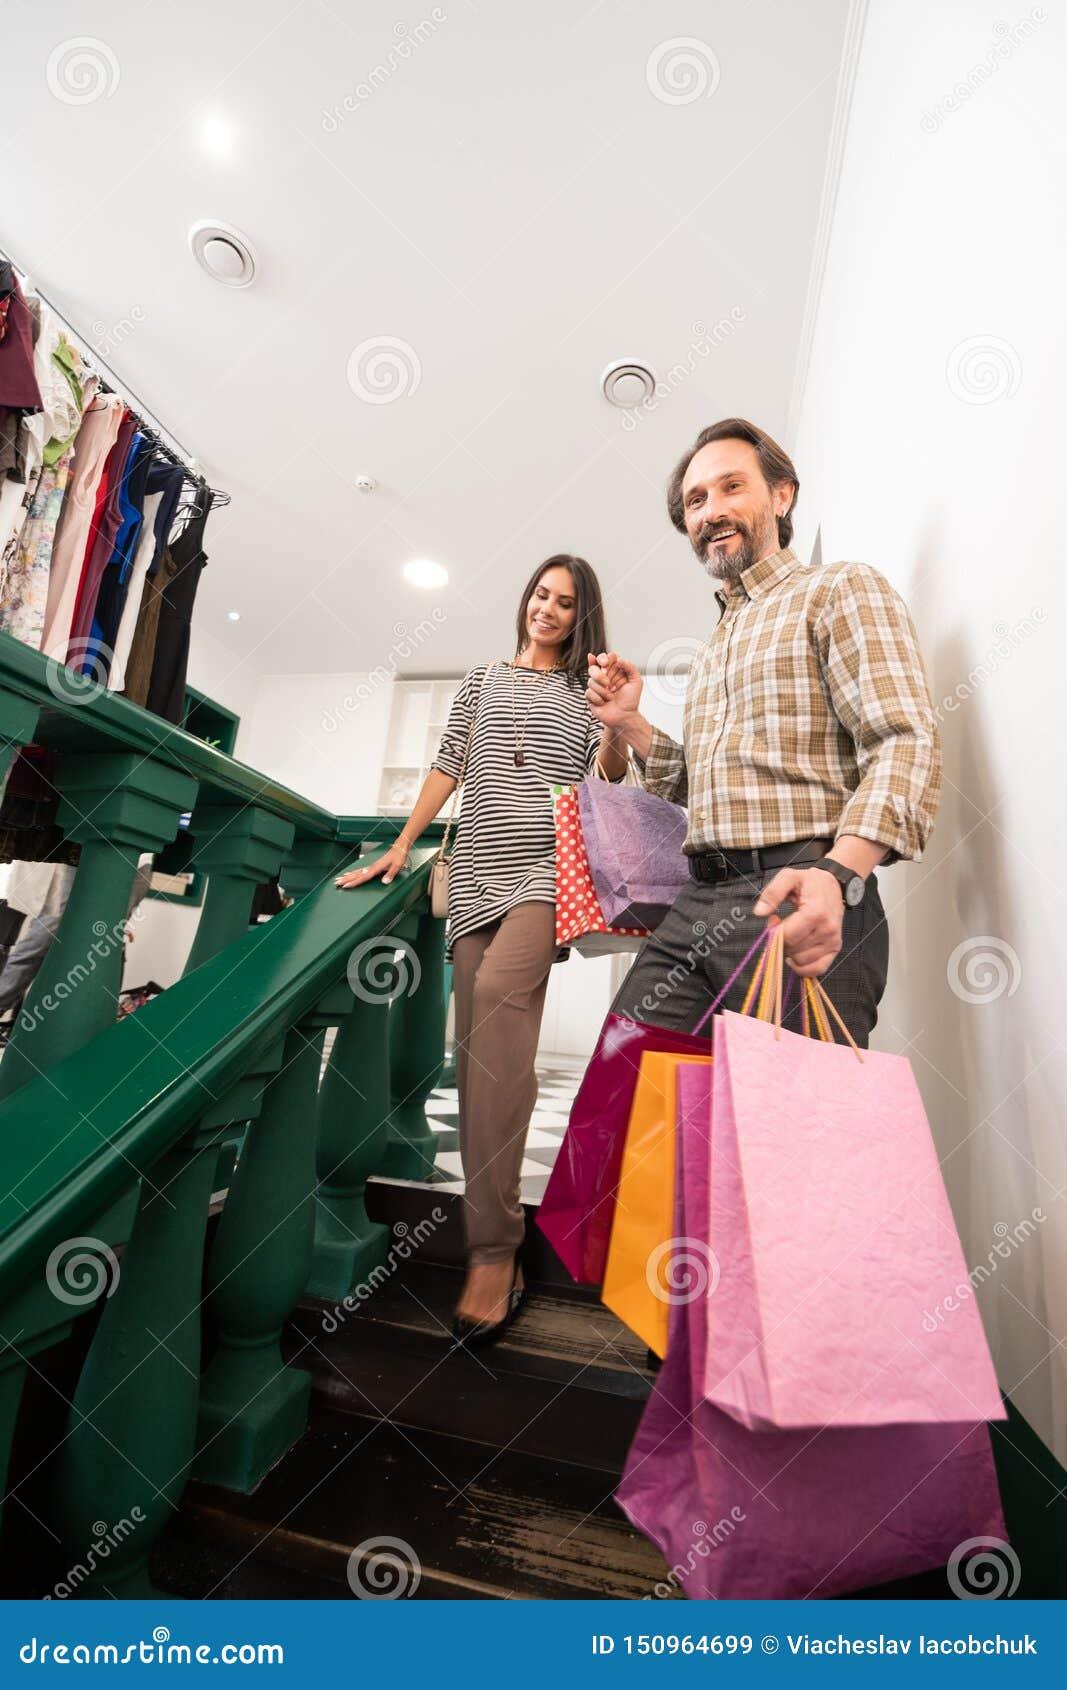 Hombre atractivo que ayuda a la señora atractiva con los bolsos de compras